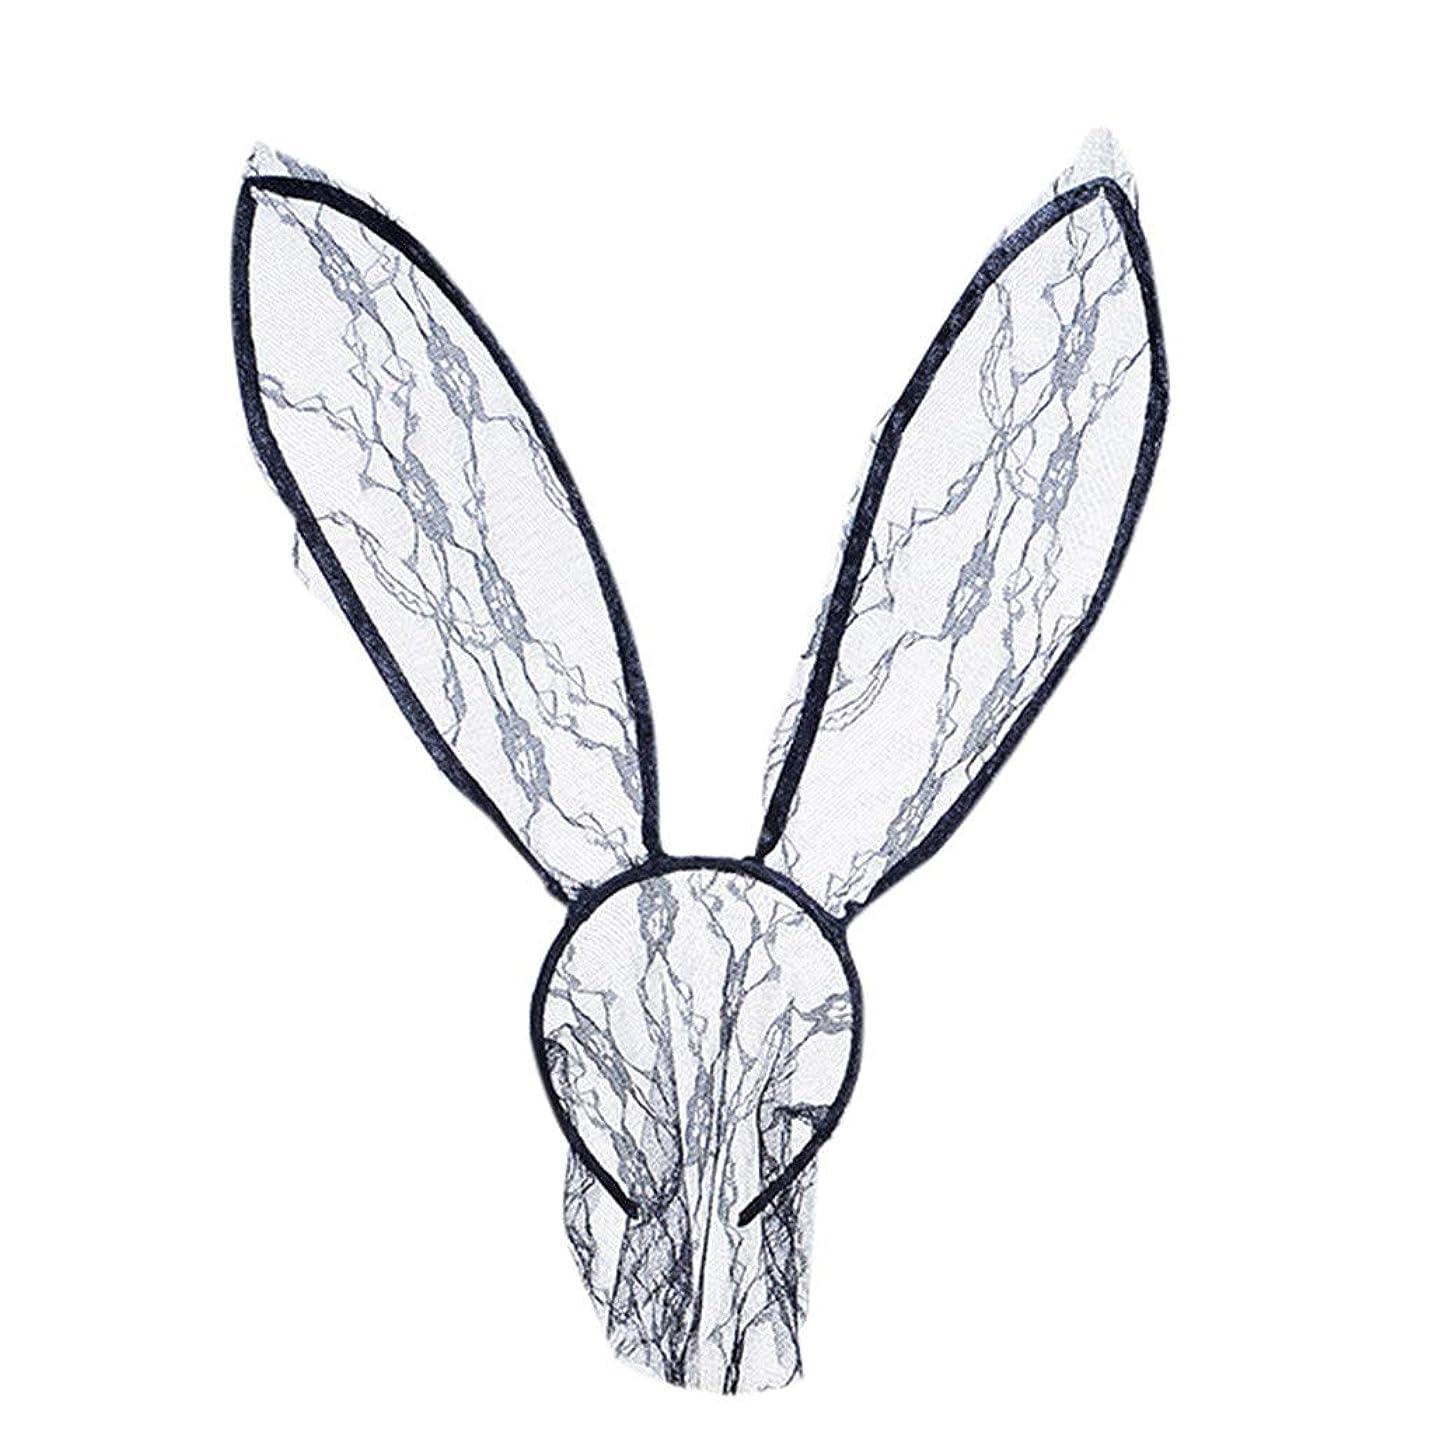 キャンセルアレルギー体操選手Lieteuy ハロウィン 仮装 ヘッドバンド ヘアバンド チュール うさぎの耳 カチューム パーティー 髪まとめグッズ コスプレグッズ レディースヘッドバンド カチューシャ ヘアアクセサリー 可愛い